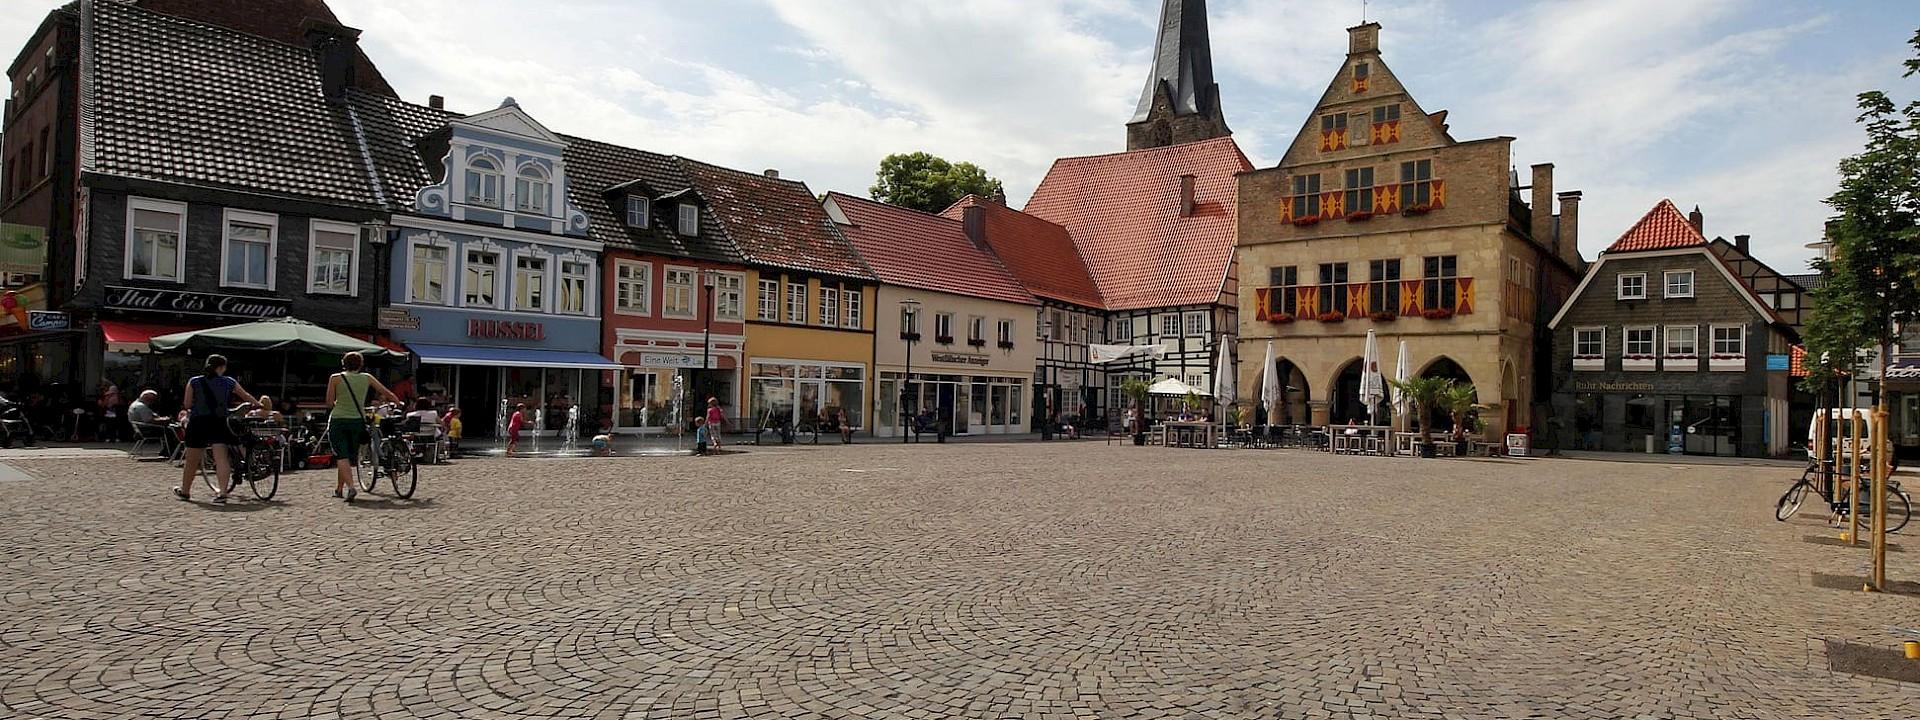 Radreise Burgen, Schlösser, Stadtkultur 5 Tage | ab 239 Euro